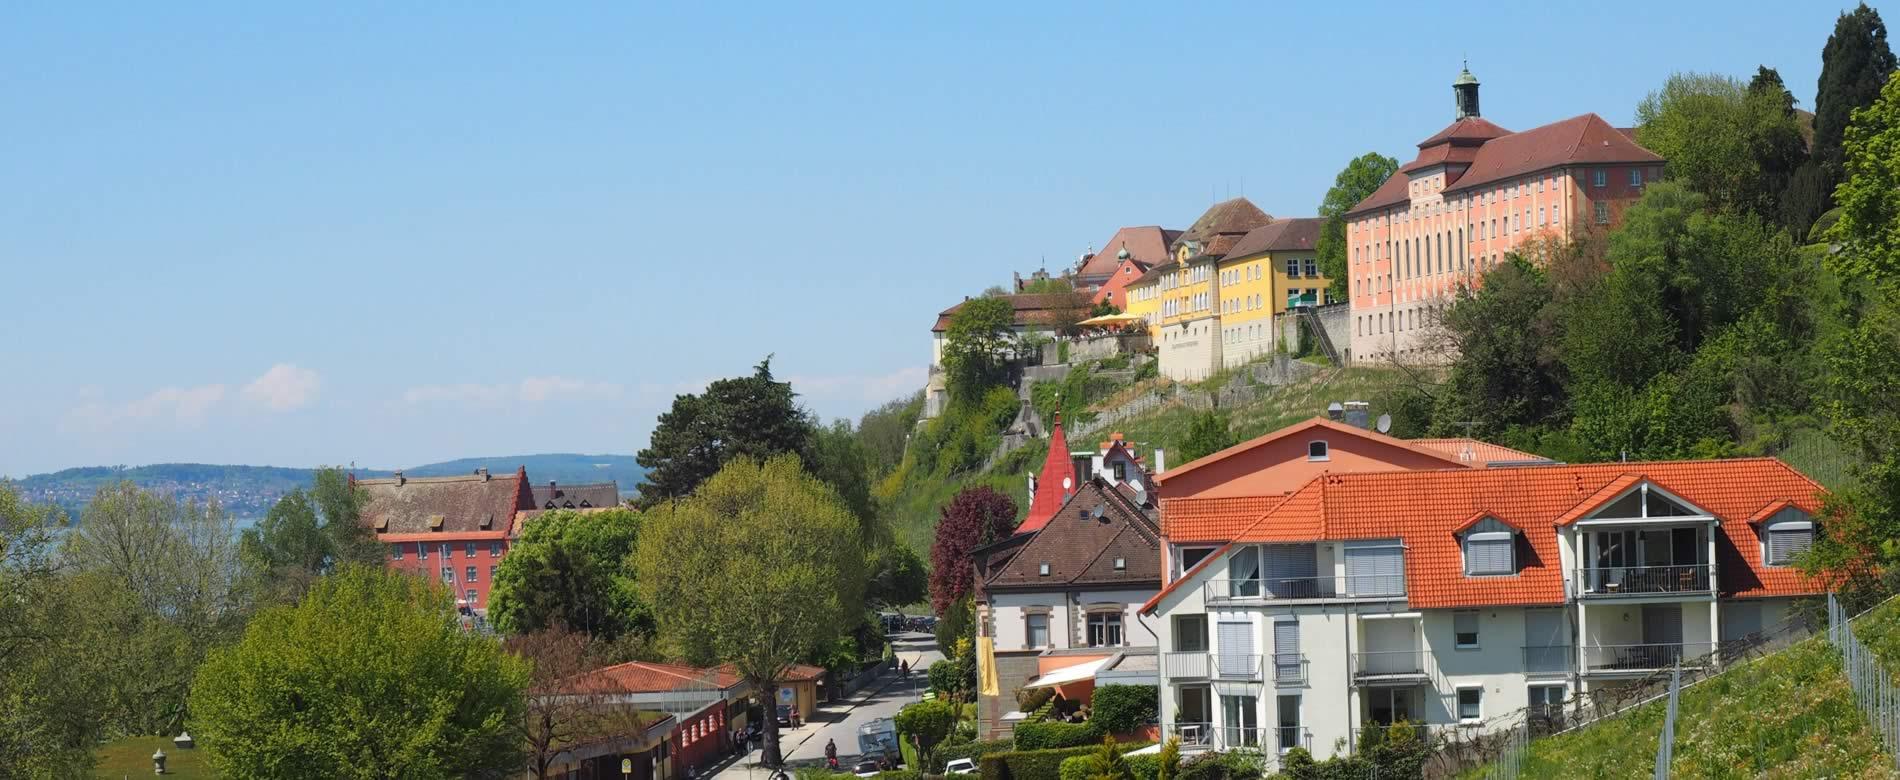 Ferienwohnung Pfarrhaus in Meersburg - Unsere Ferienwohnungen 10